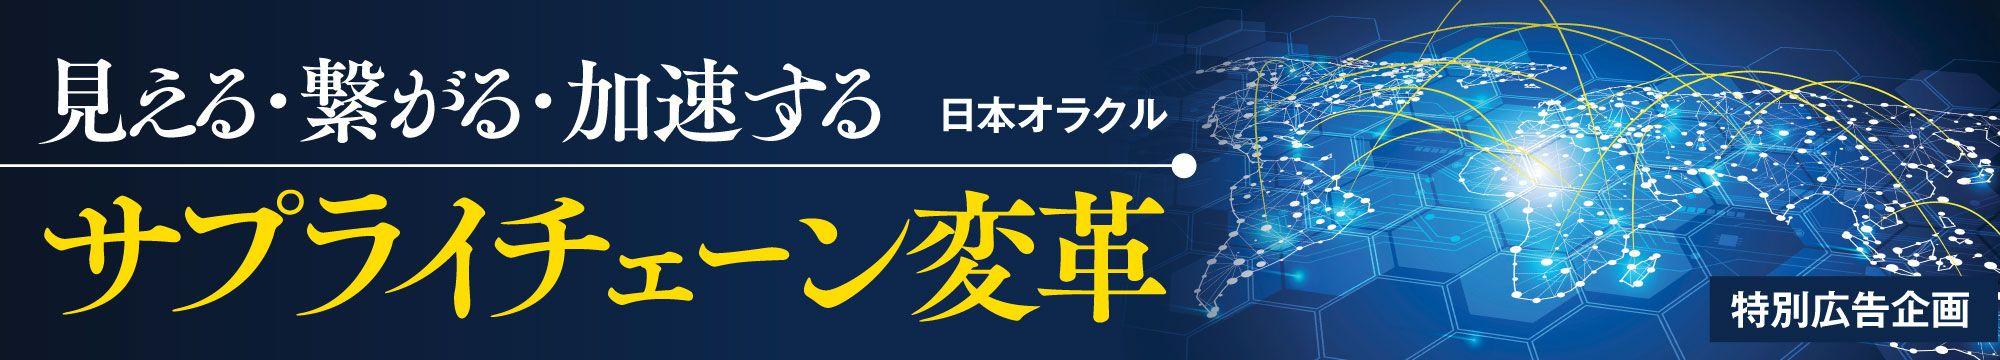 日本オラクル